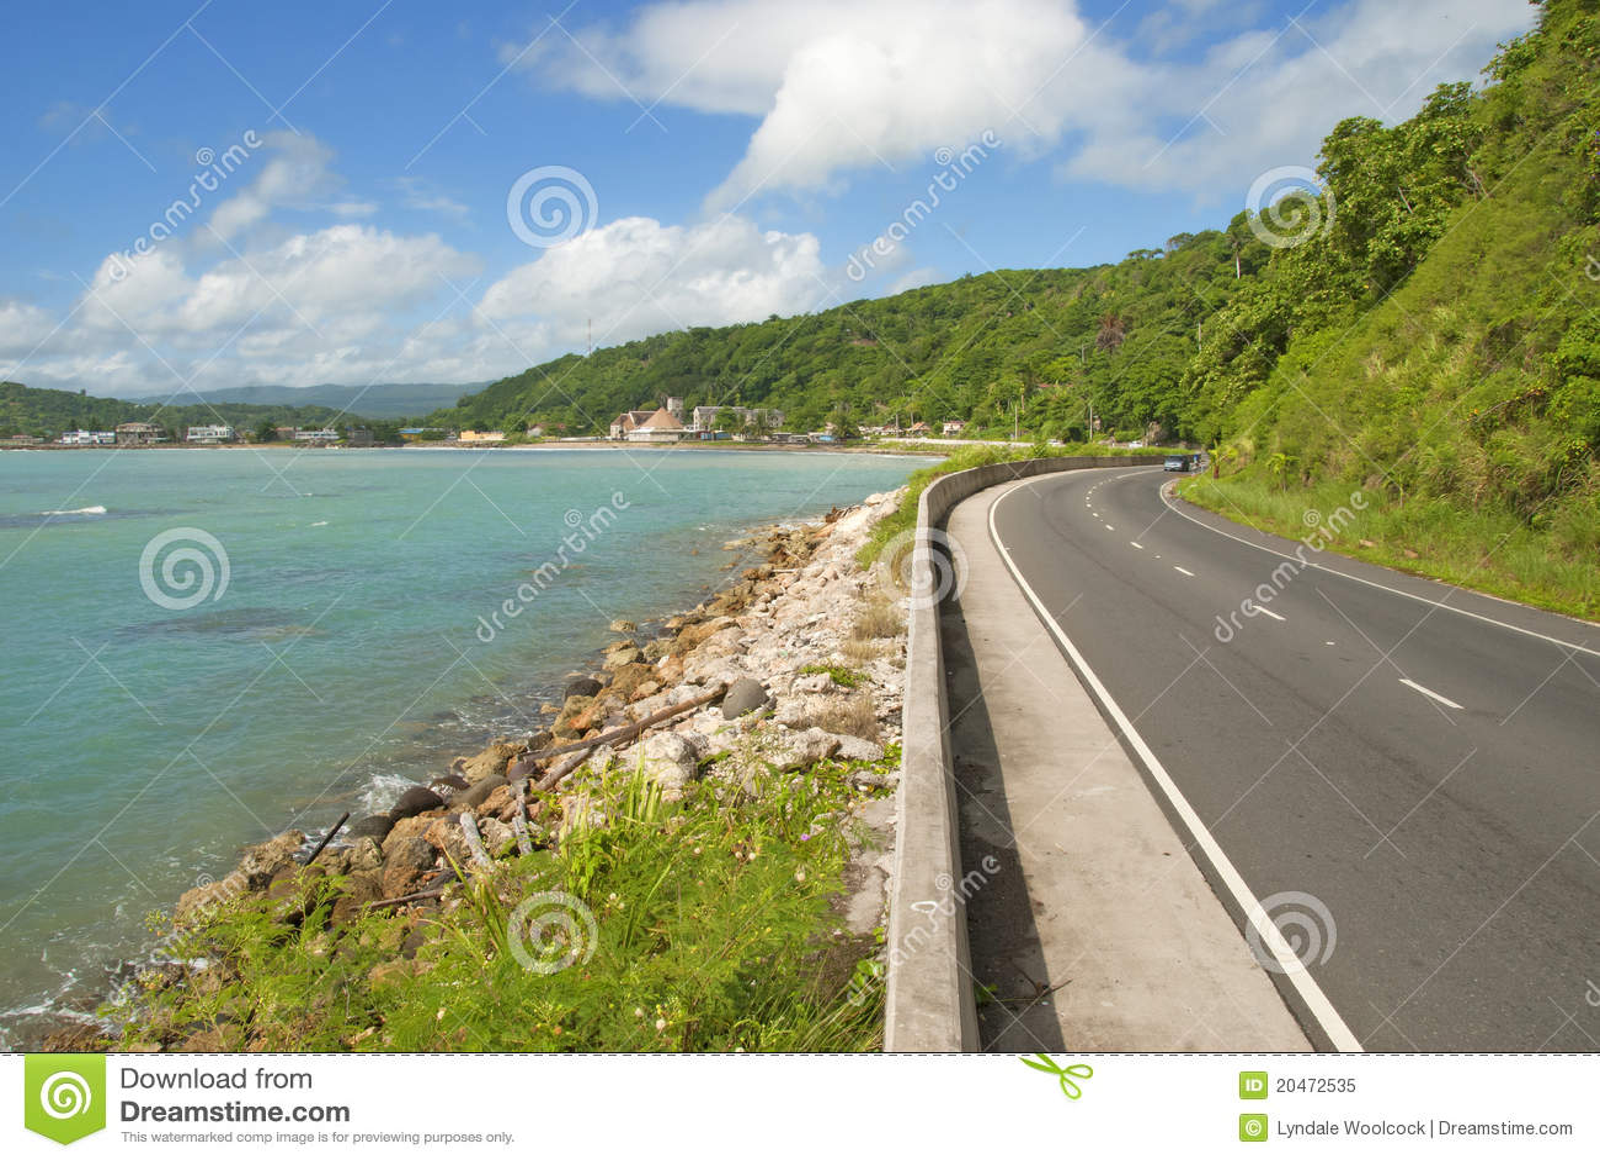 Estrada do Cararibe bonita da estrada litoral